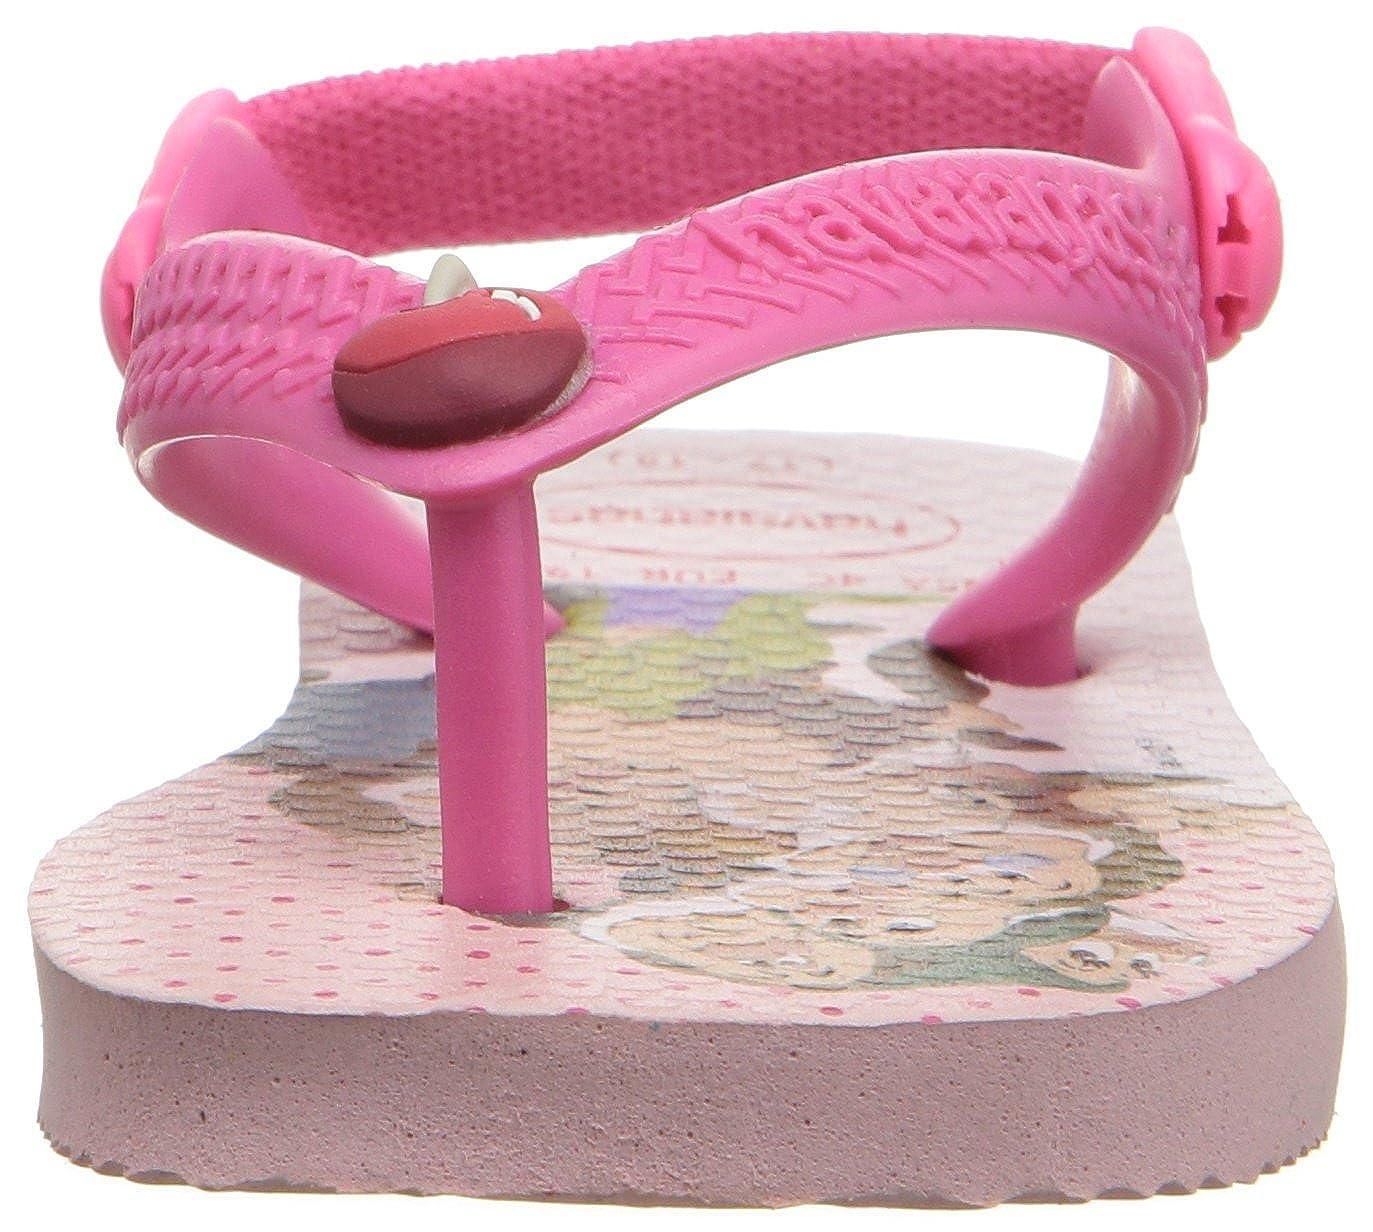 Infant//Toddler Havaianas Kids Flip Flop Sandals Baby Disney Cuties Pearl Pink K BABY DISNEY CUTIES SANDAL PEARL PINK